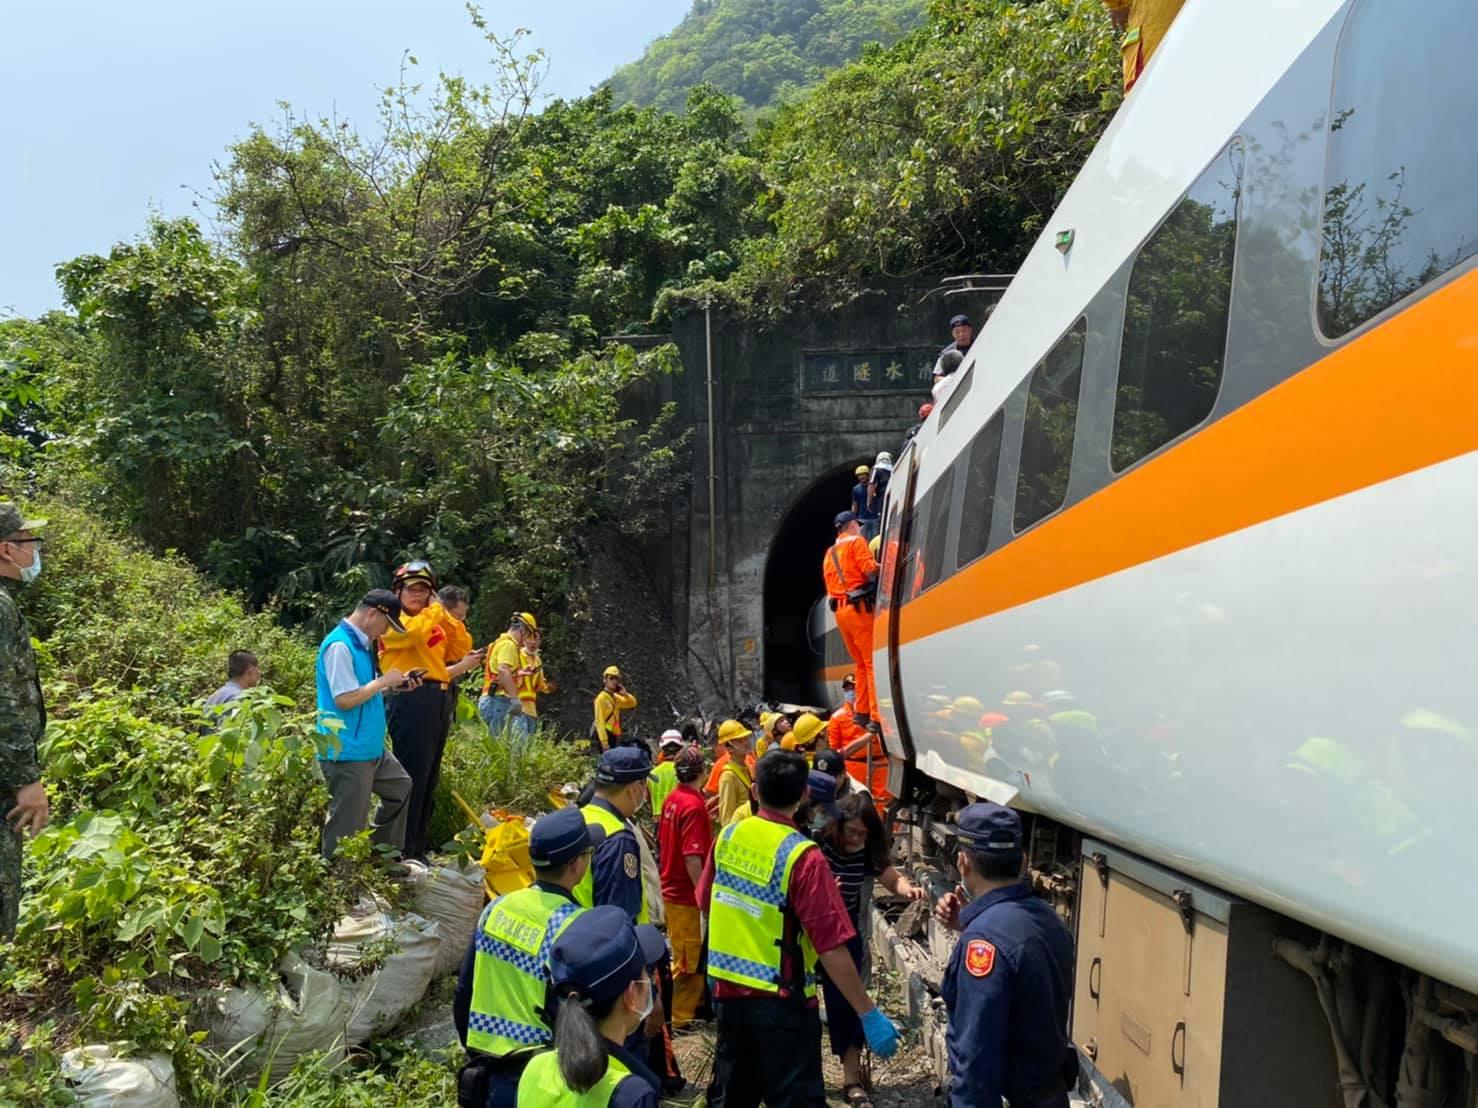 台鐵408車次太魯閣號日前發生出軌意外,釀成至少50人死亡,200人受傷的悲劇。圖:翻攝自海巡署東部分署臉書 (資料照)